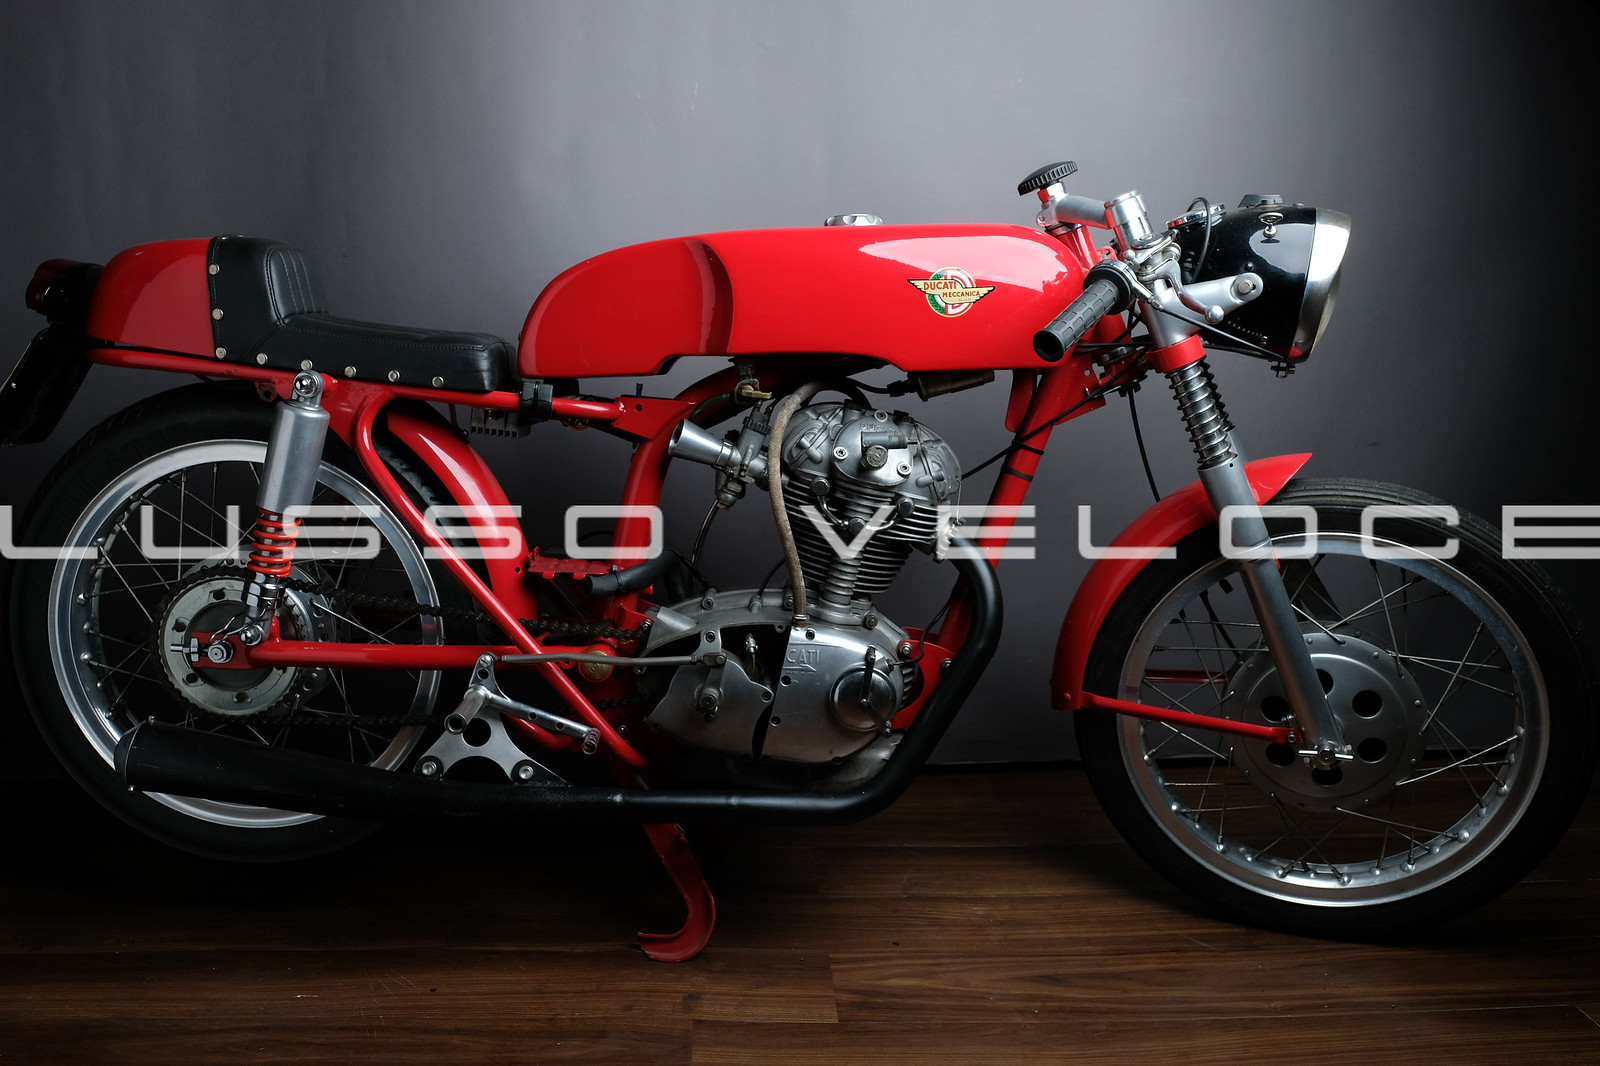 Ducati 250 cafe racer